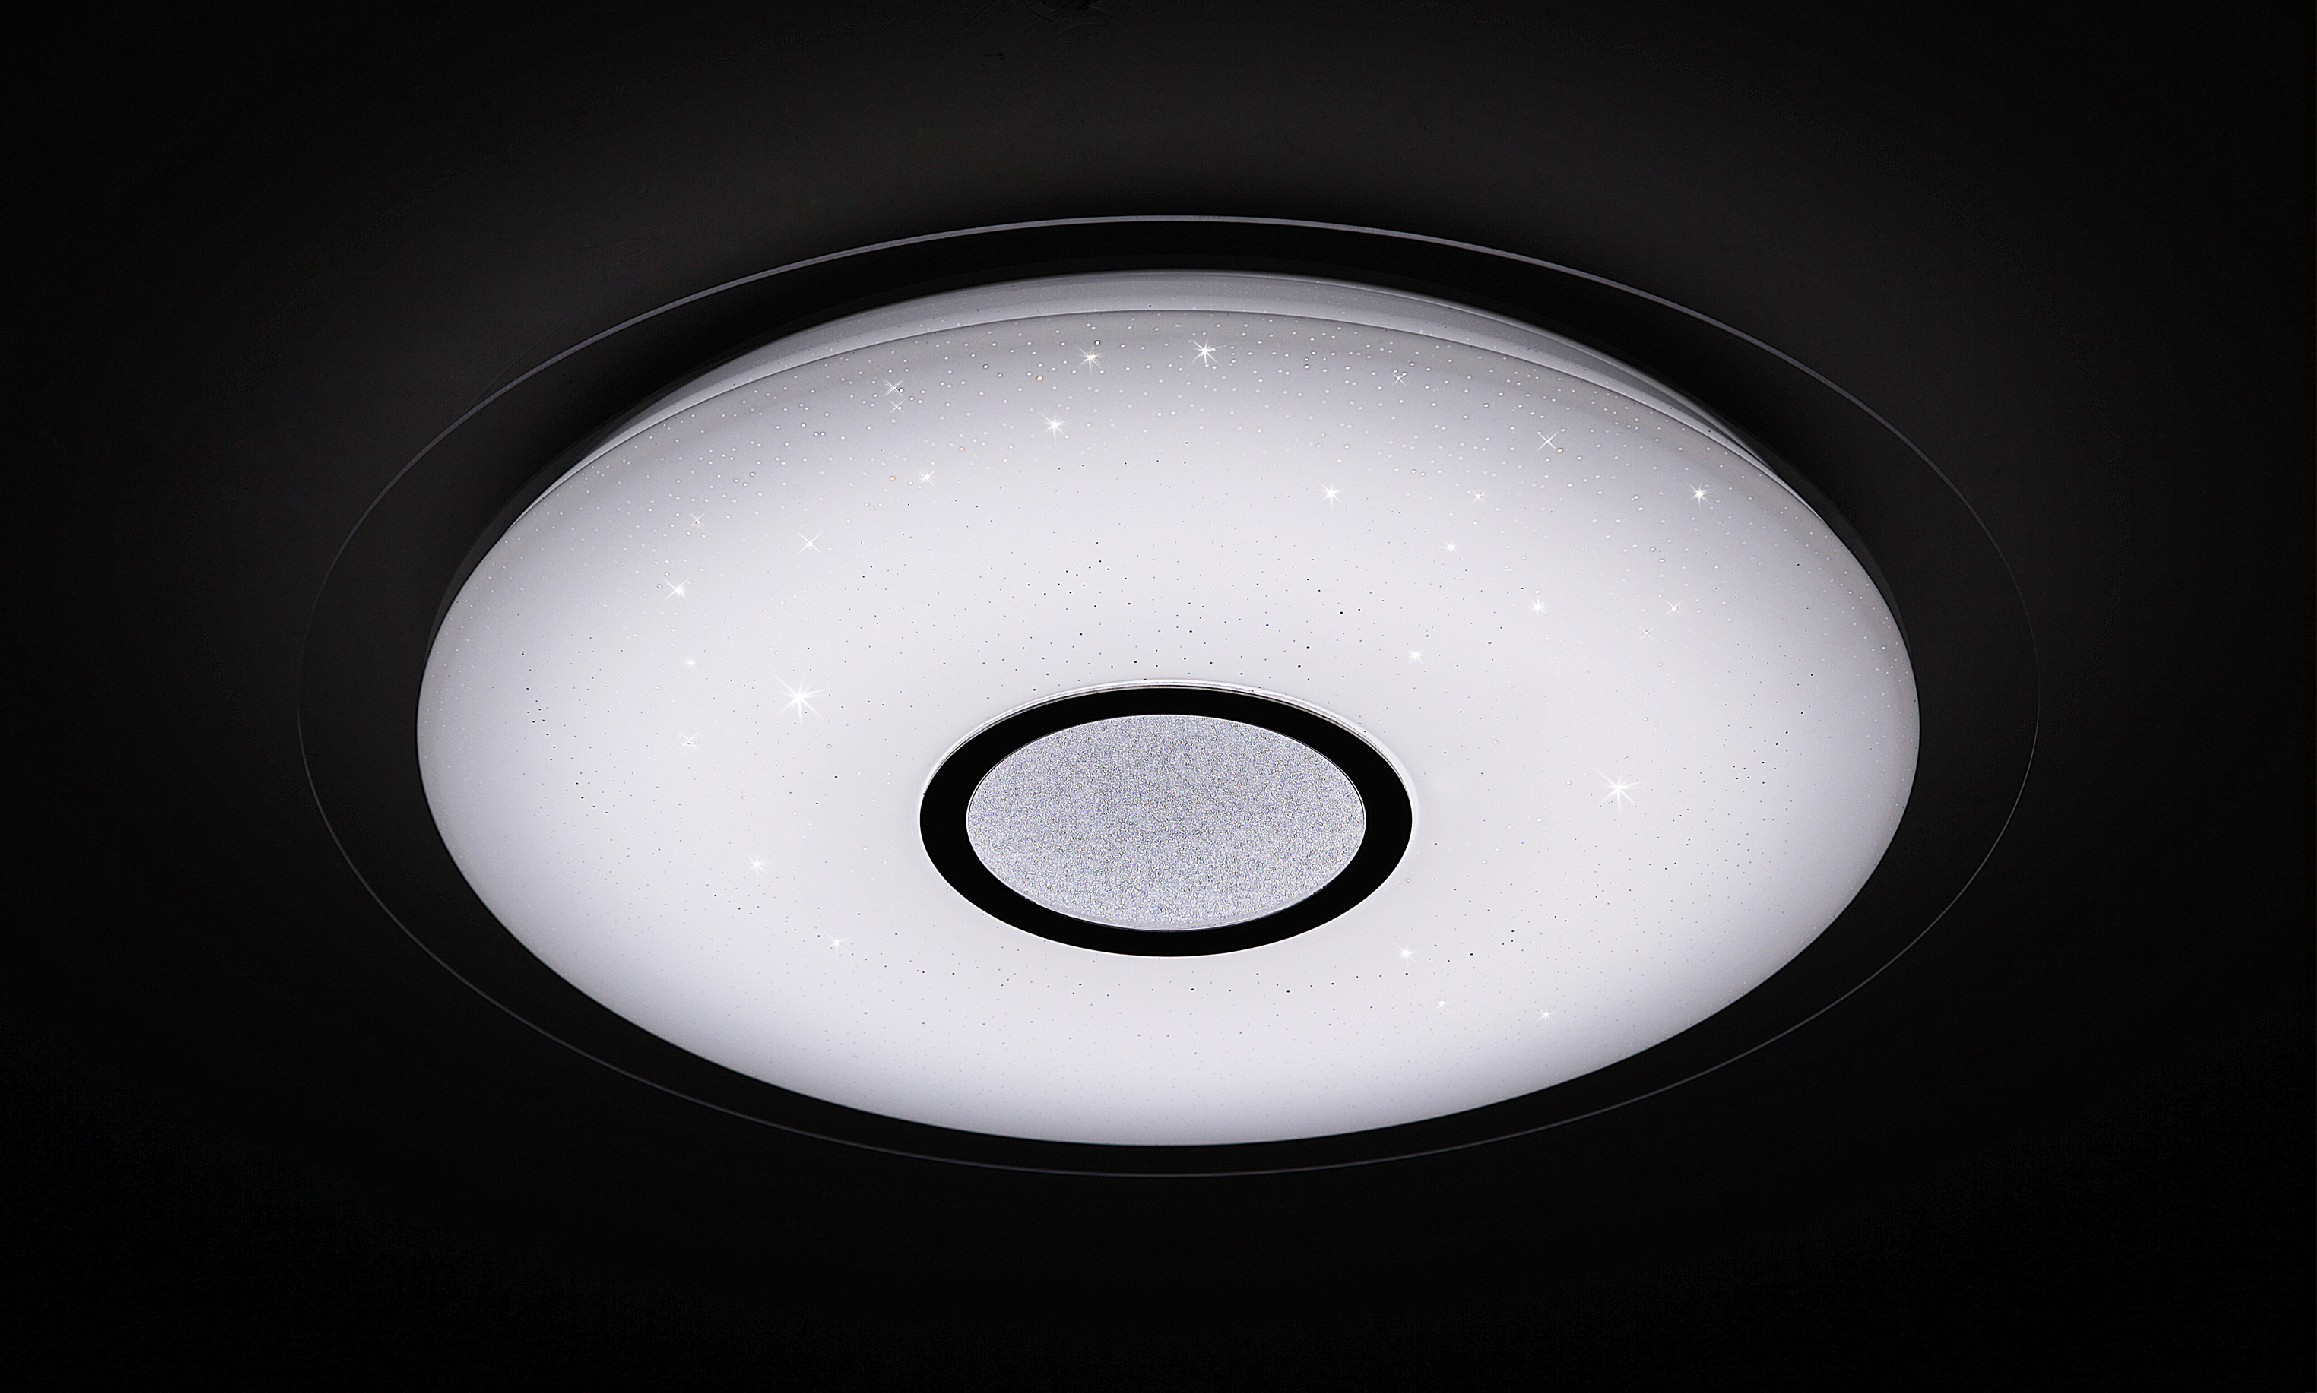 Inteligentní ECO LED svítidlo - Dalen DL-C319TXW WiFi - Hvězdné nebe + LED lampička Argus Vela (různé barvy)